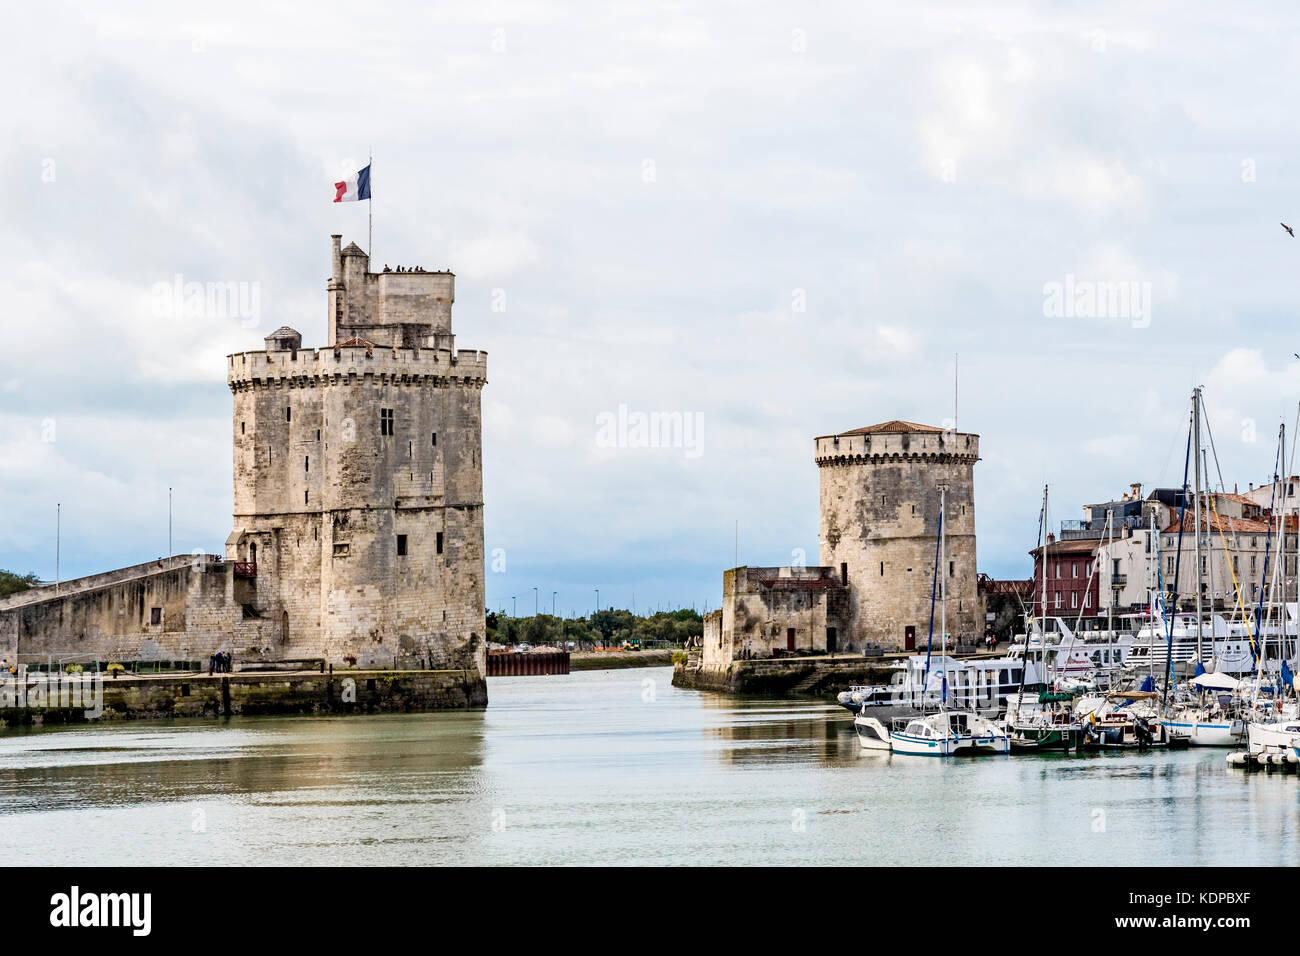 La rochelle france vieux port ancient harbour alter hafen stock photo 163376151 alamy - Restaurant vieux port la rochelle ...